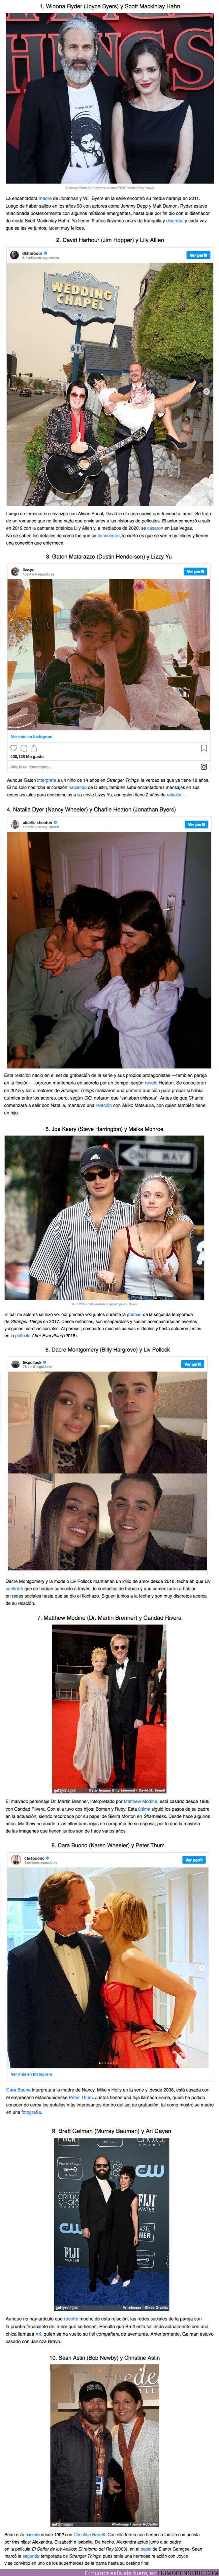 """60082 - GALERÍA: 10 Actores de """"Stranger Things"""" junto a sus parejas de la vida real (una de ellas se enamoró en el set)"""